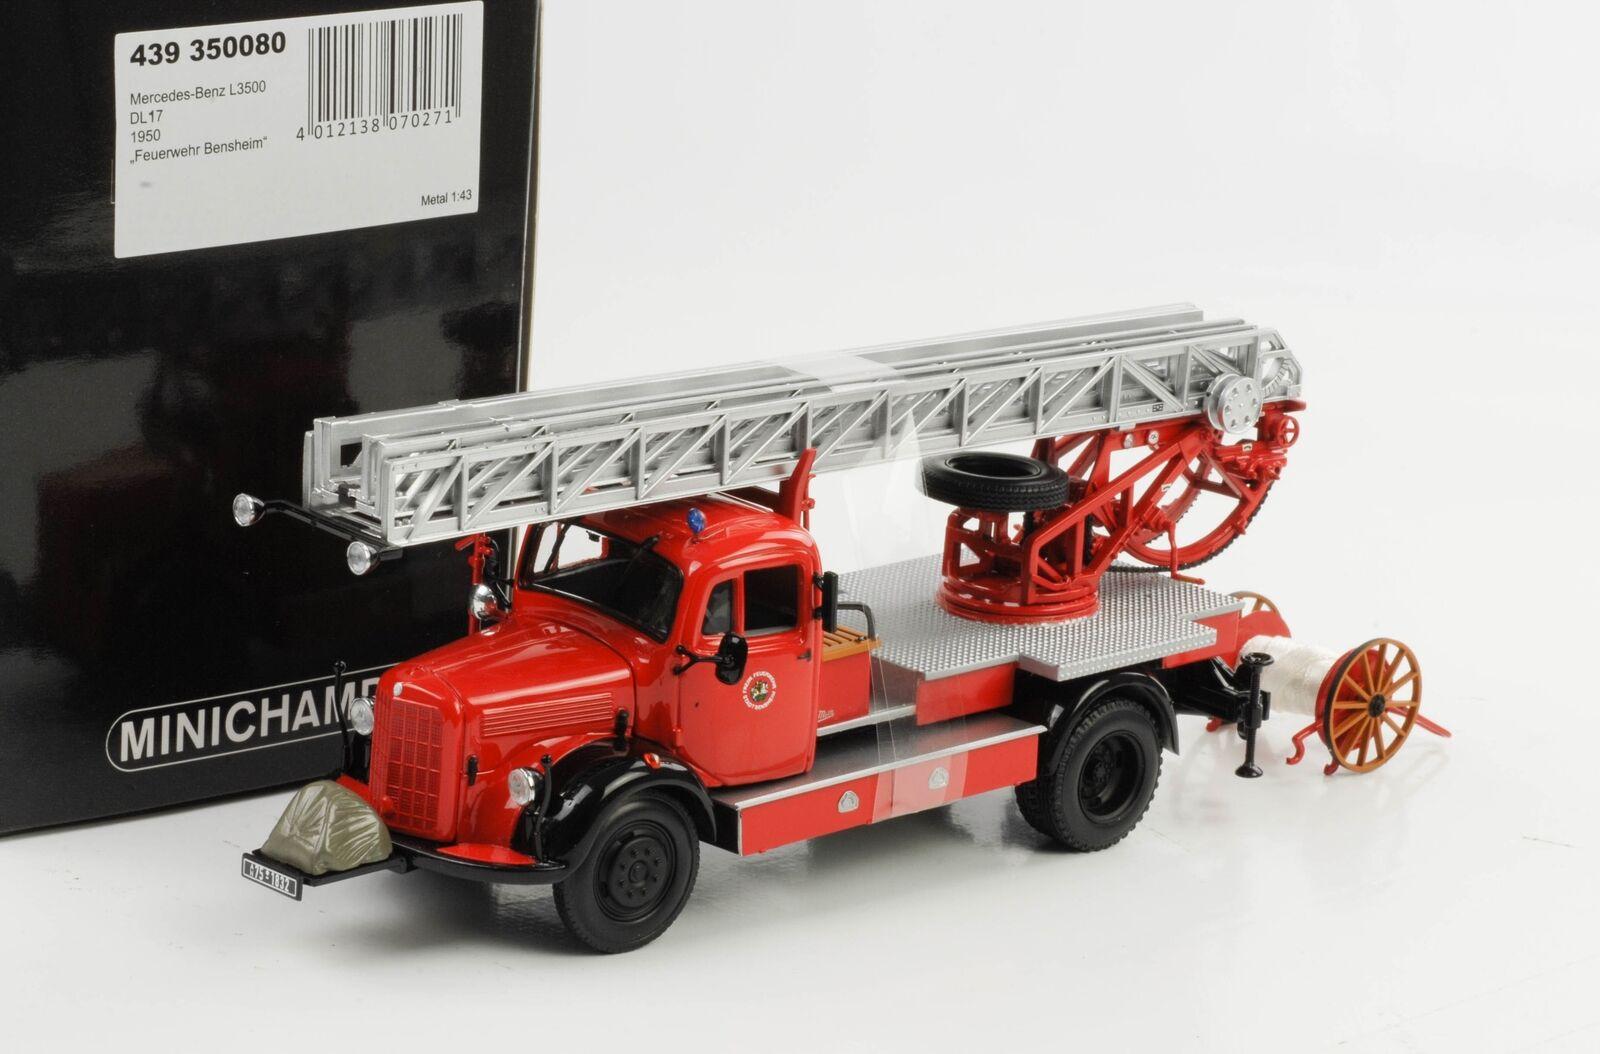 Mercedes BENZ L 3500 Dl 17 Fire Brigade Bensheim S 1 43